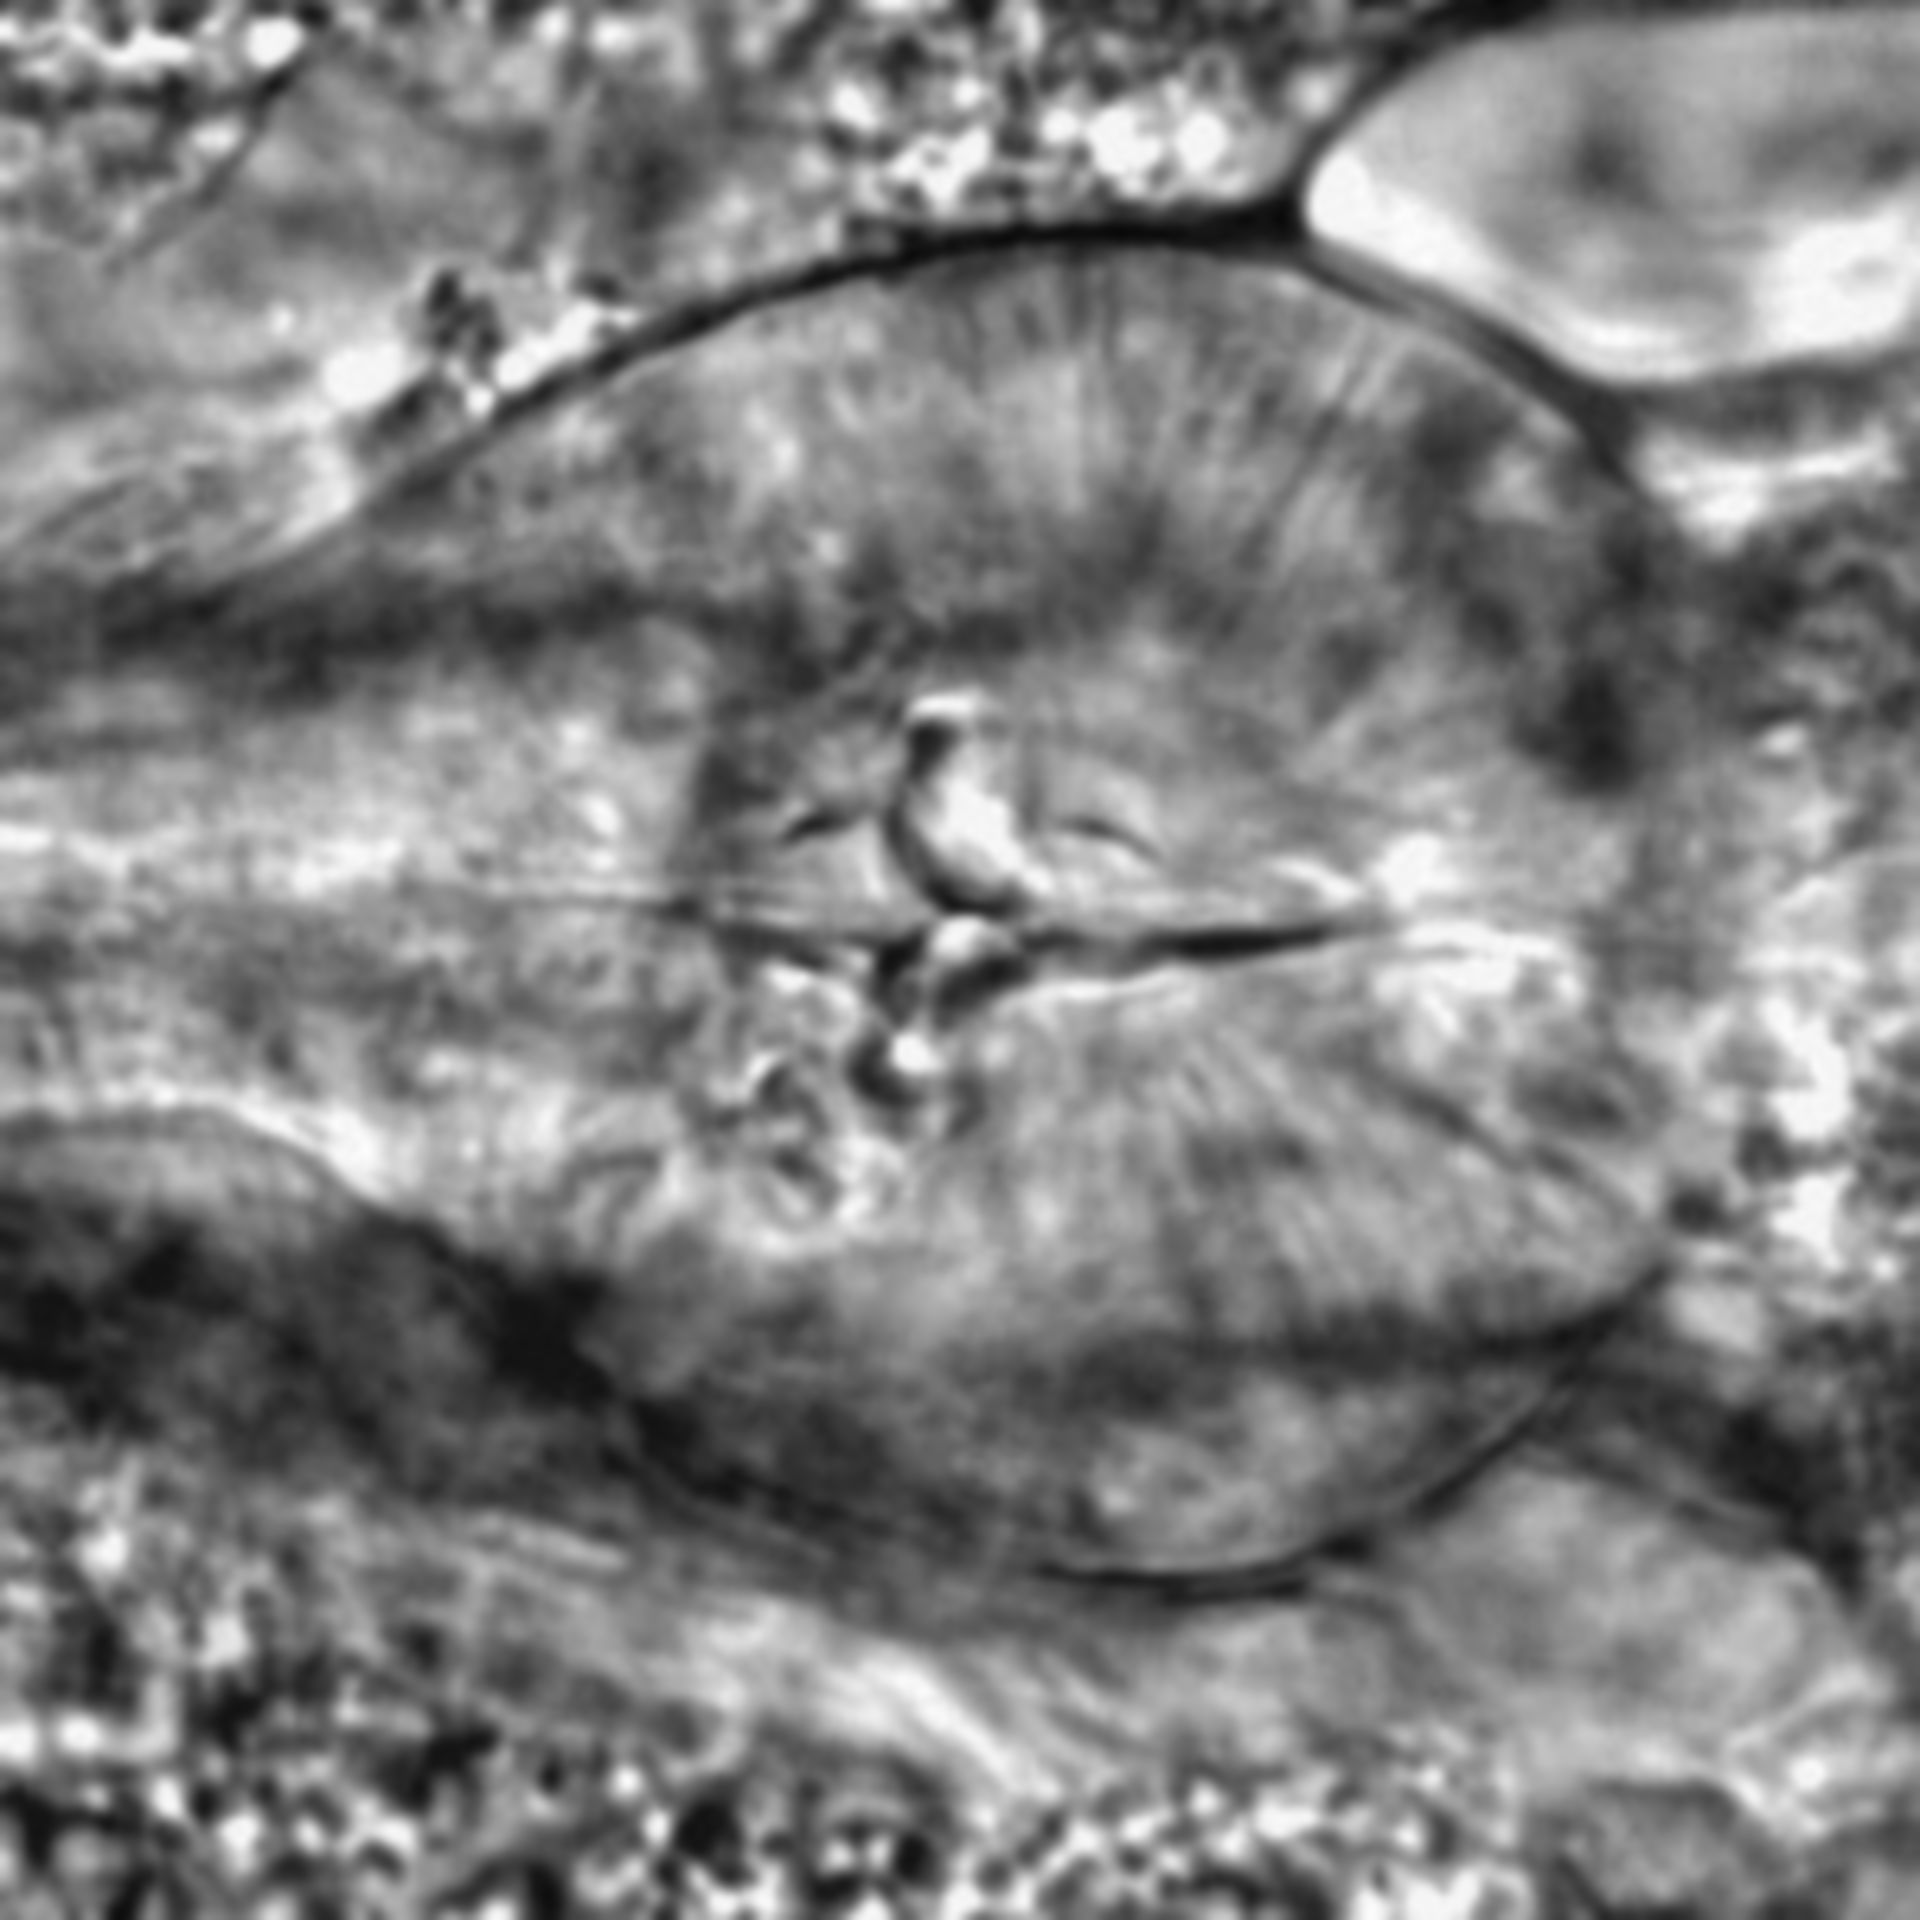 Caenorhabditis elegans - CIL:2202